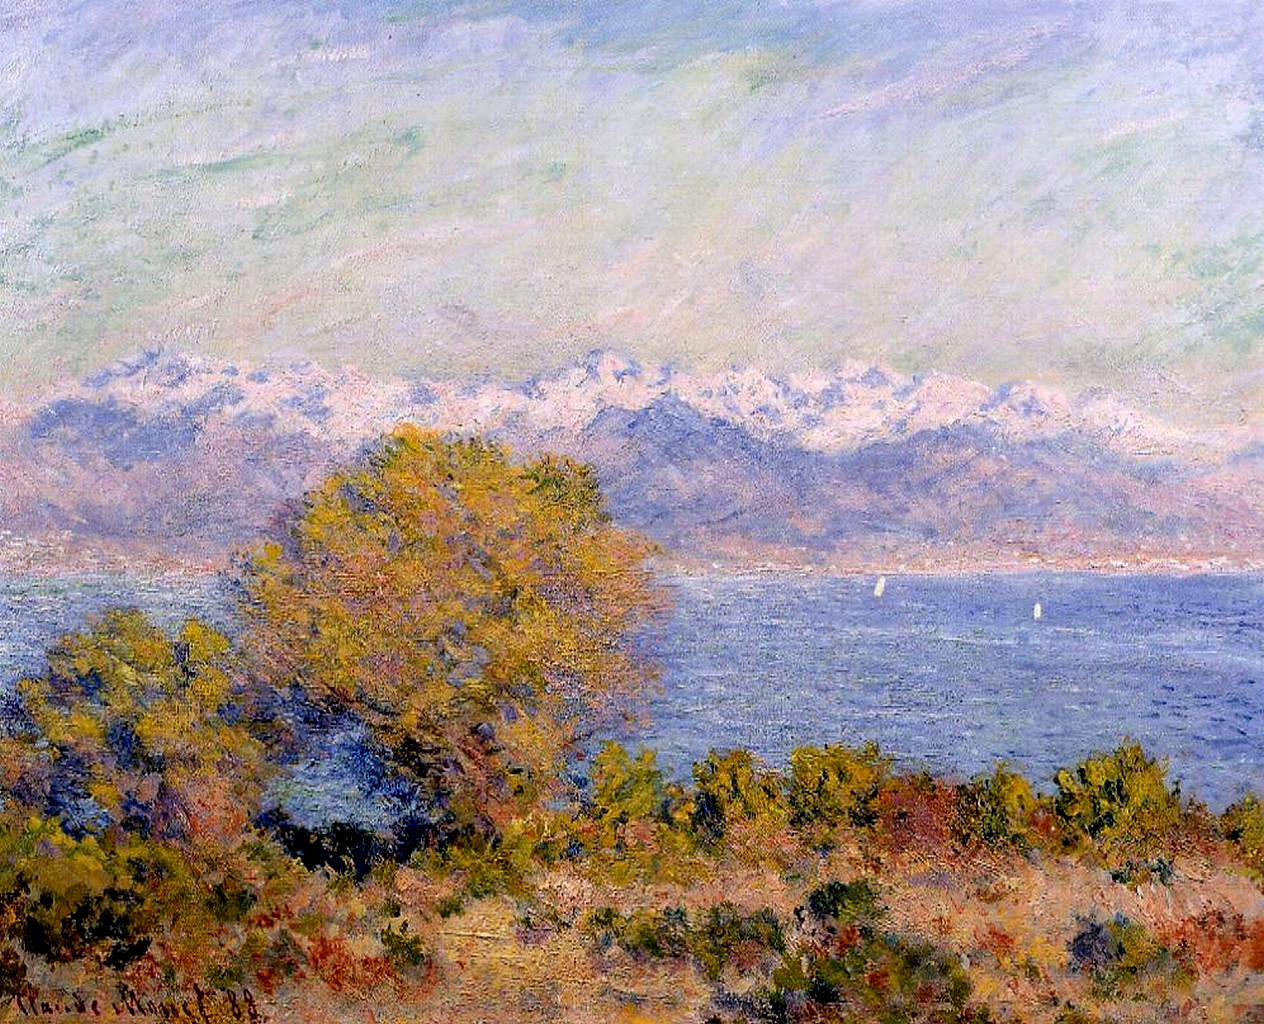 южные пейзажи < Альпы, вид с мыса Антиба >:: Клод Моне, описание картины - Claude Monet фото